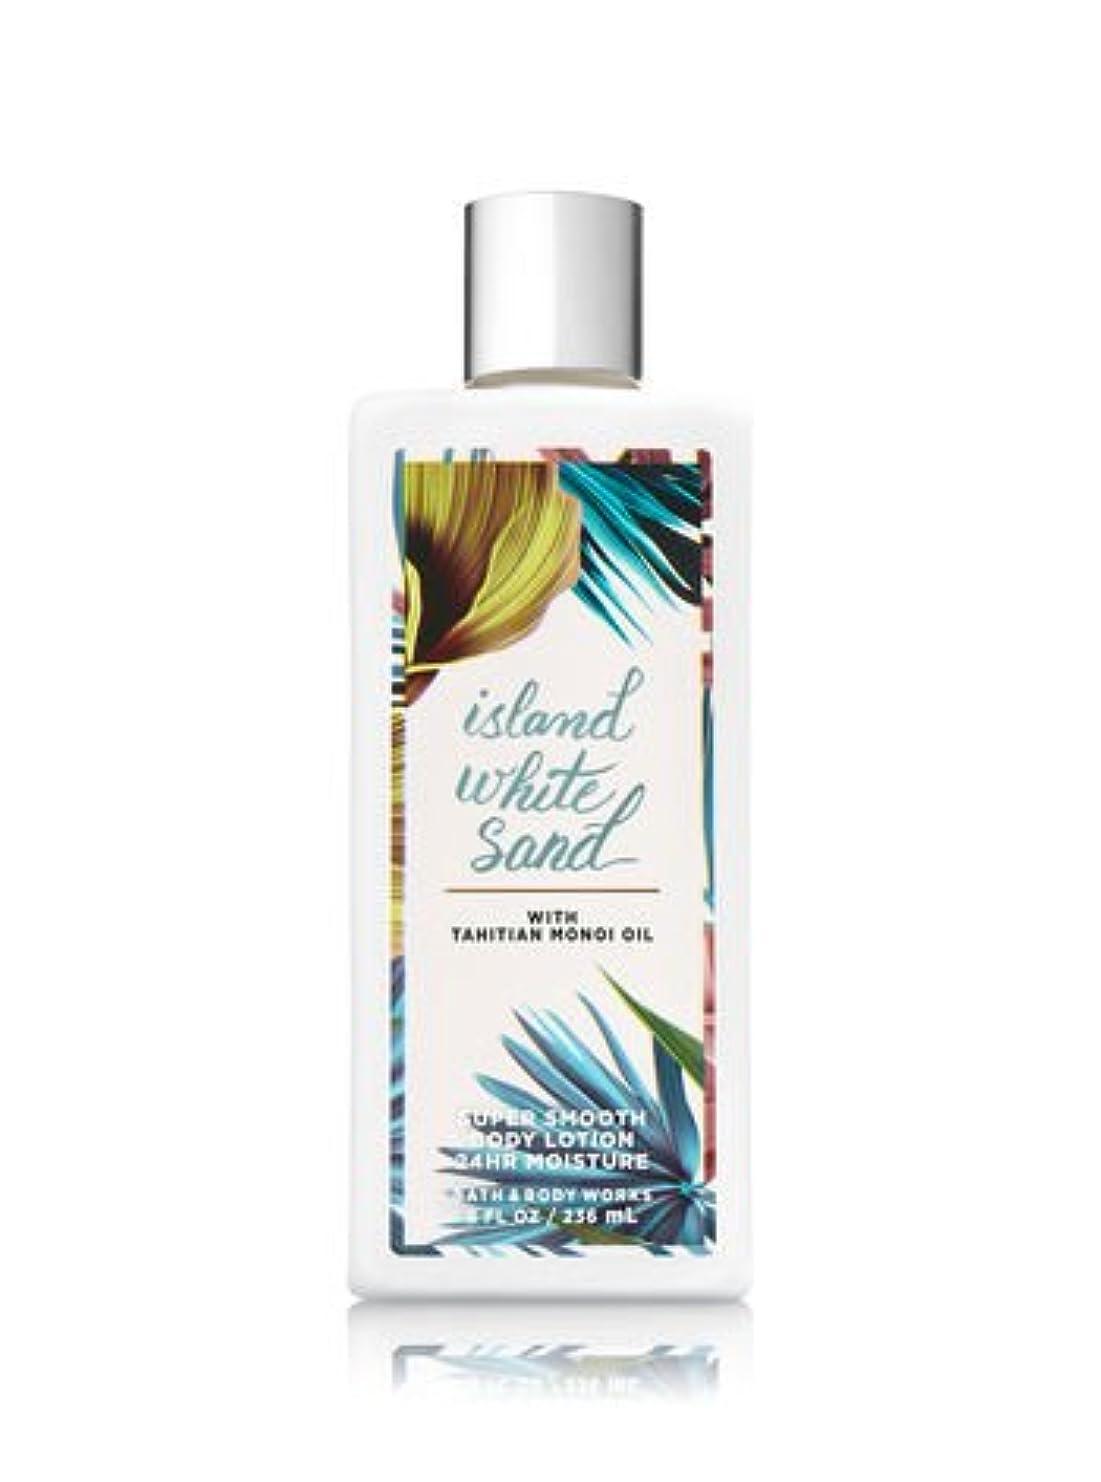 に頼る下手ライトニング【Bath&Body Works/バス&ボディワークス】 ボディローション アイランドホワイトサンド Super Smooth Body Lotion Island White Sand 8 fl oz / 236 mL [並行輸入品]